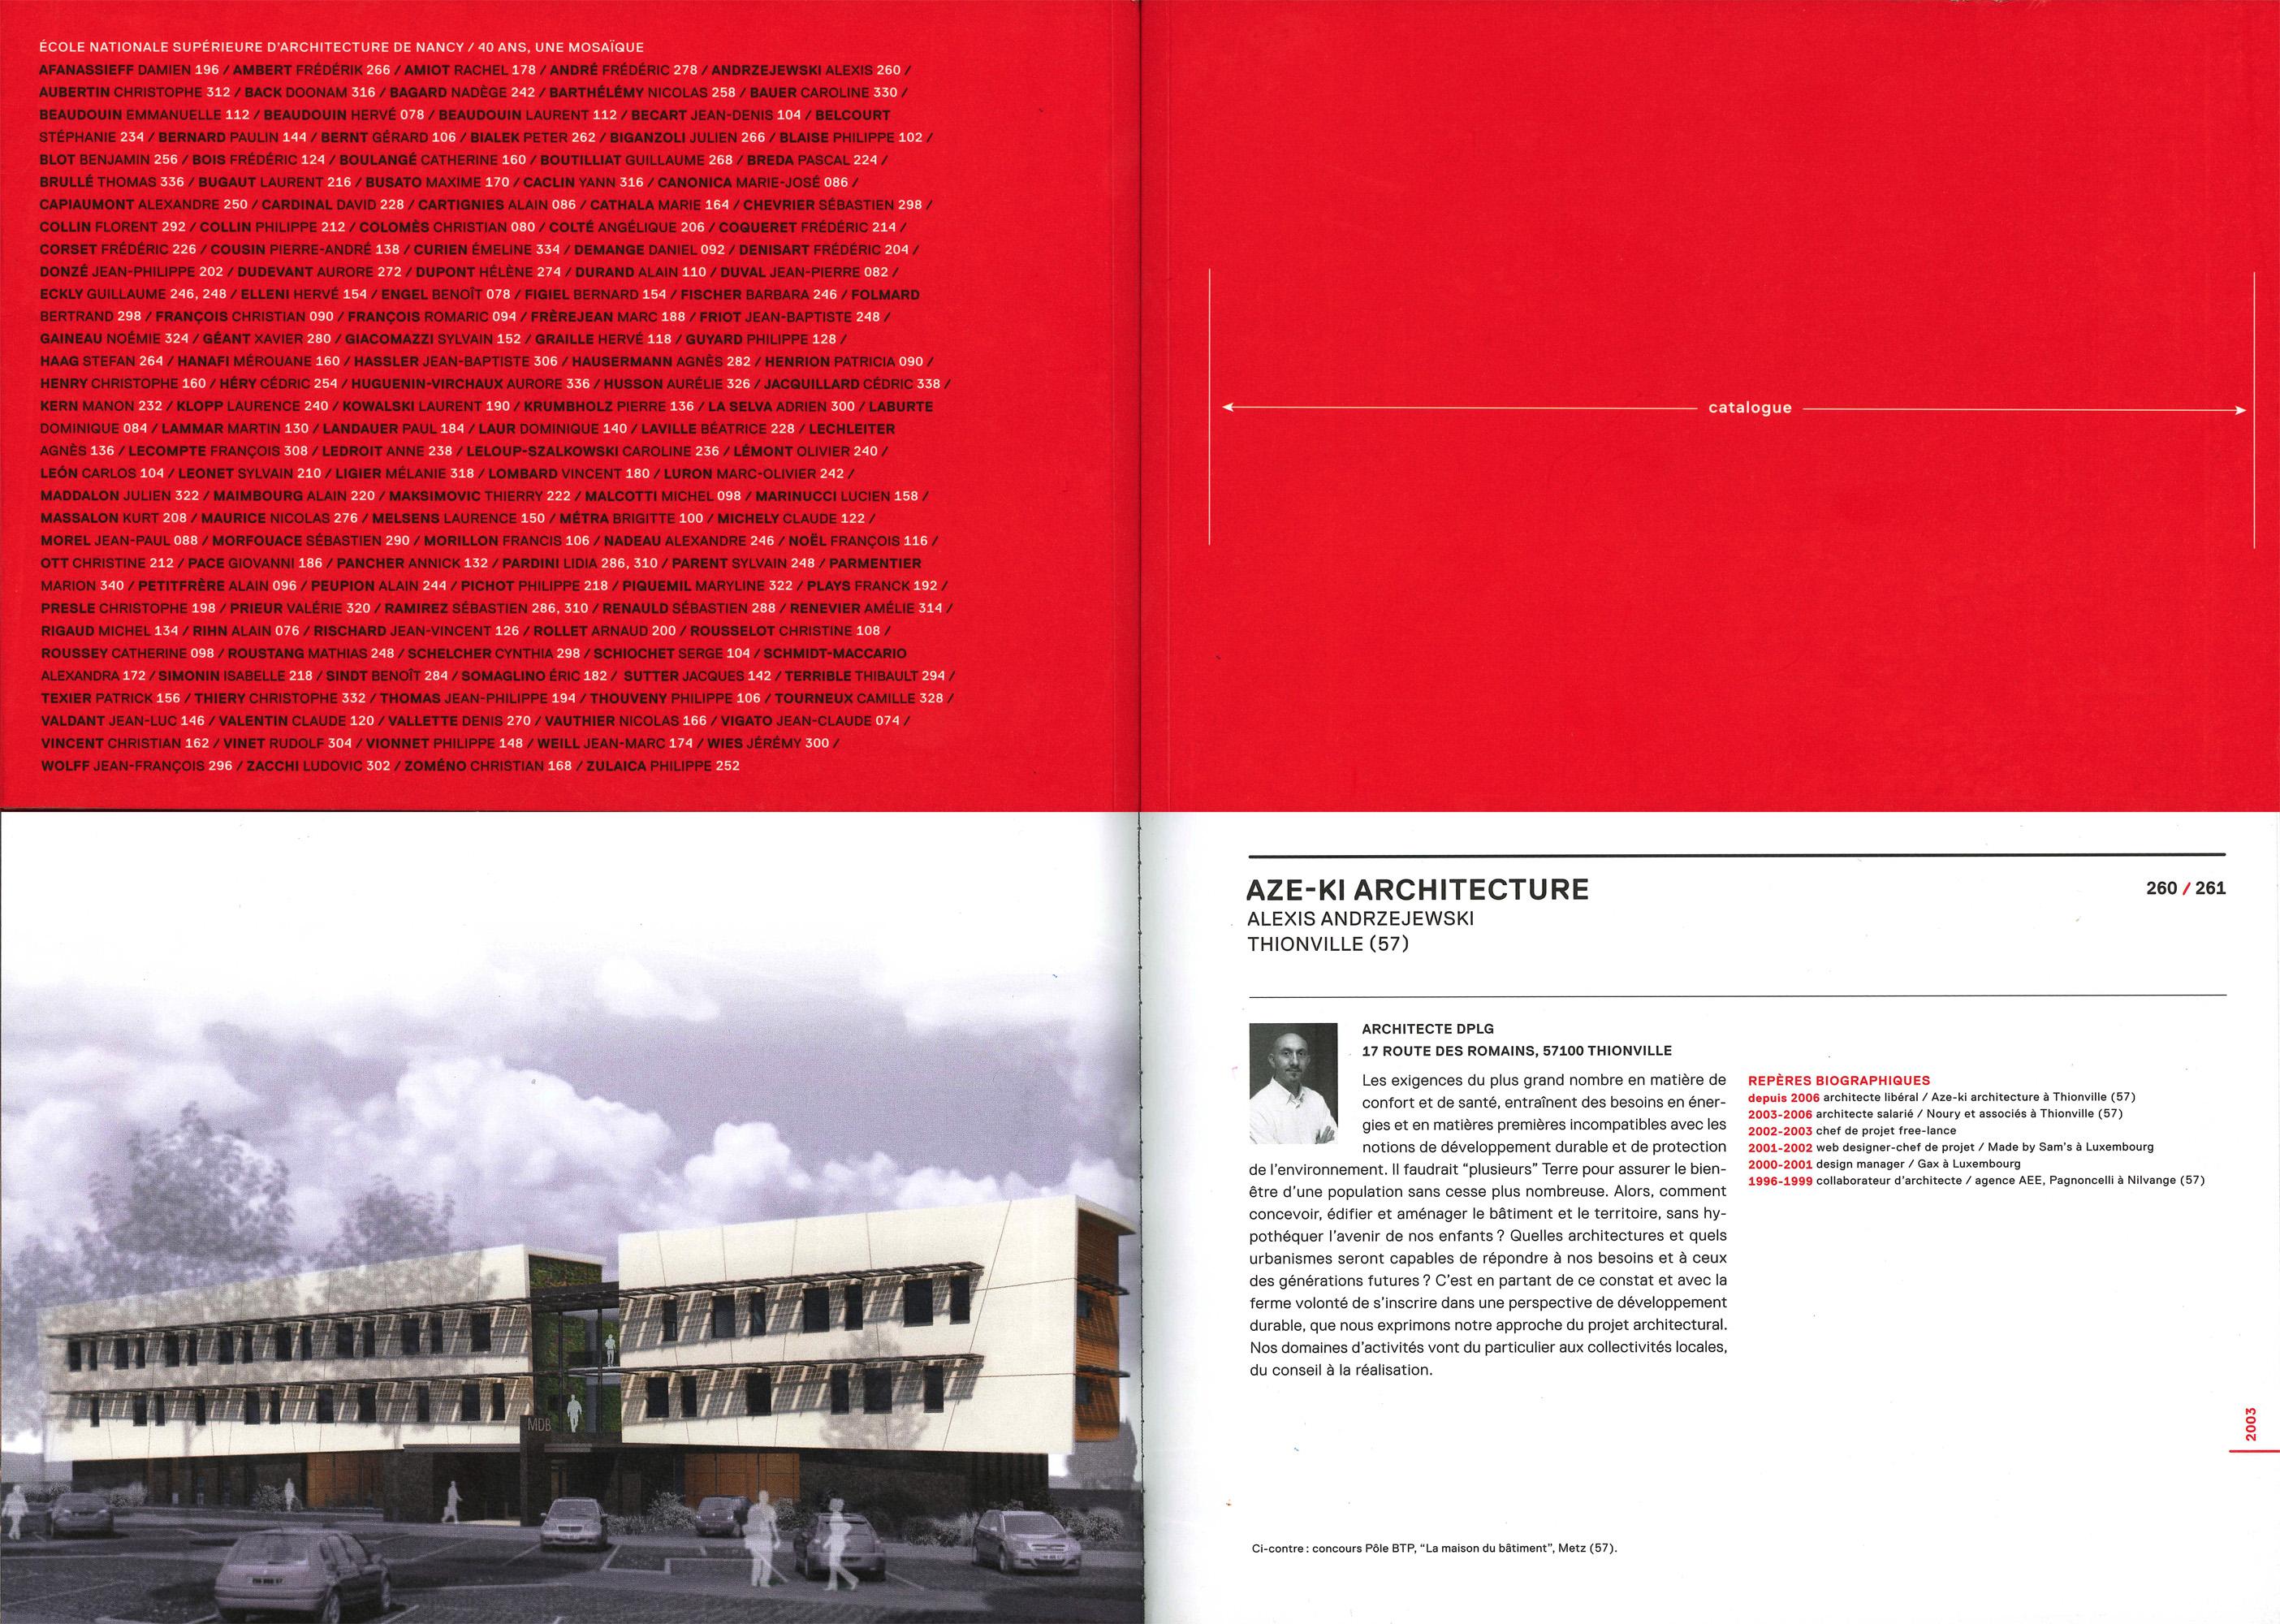 L'école nationale supérieure d'architecture de Nancy à édité pour ses 40 ans un catalogue présentant certaines réalisations d'anciens élèves.